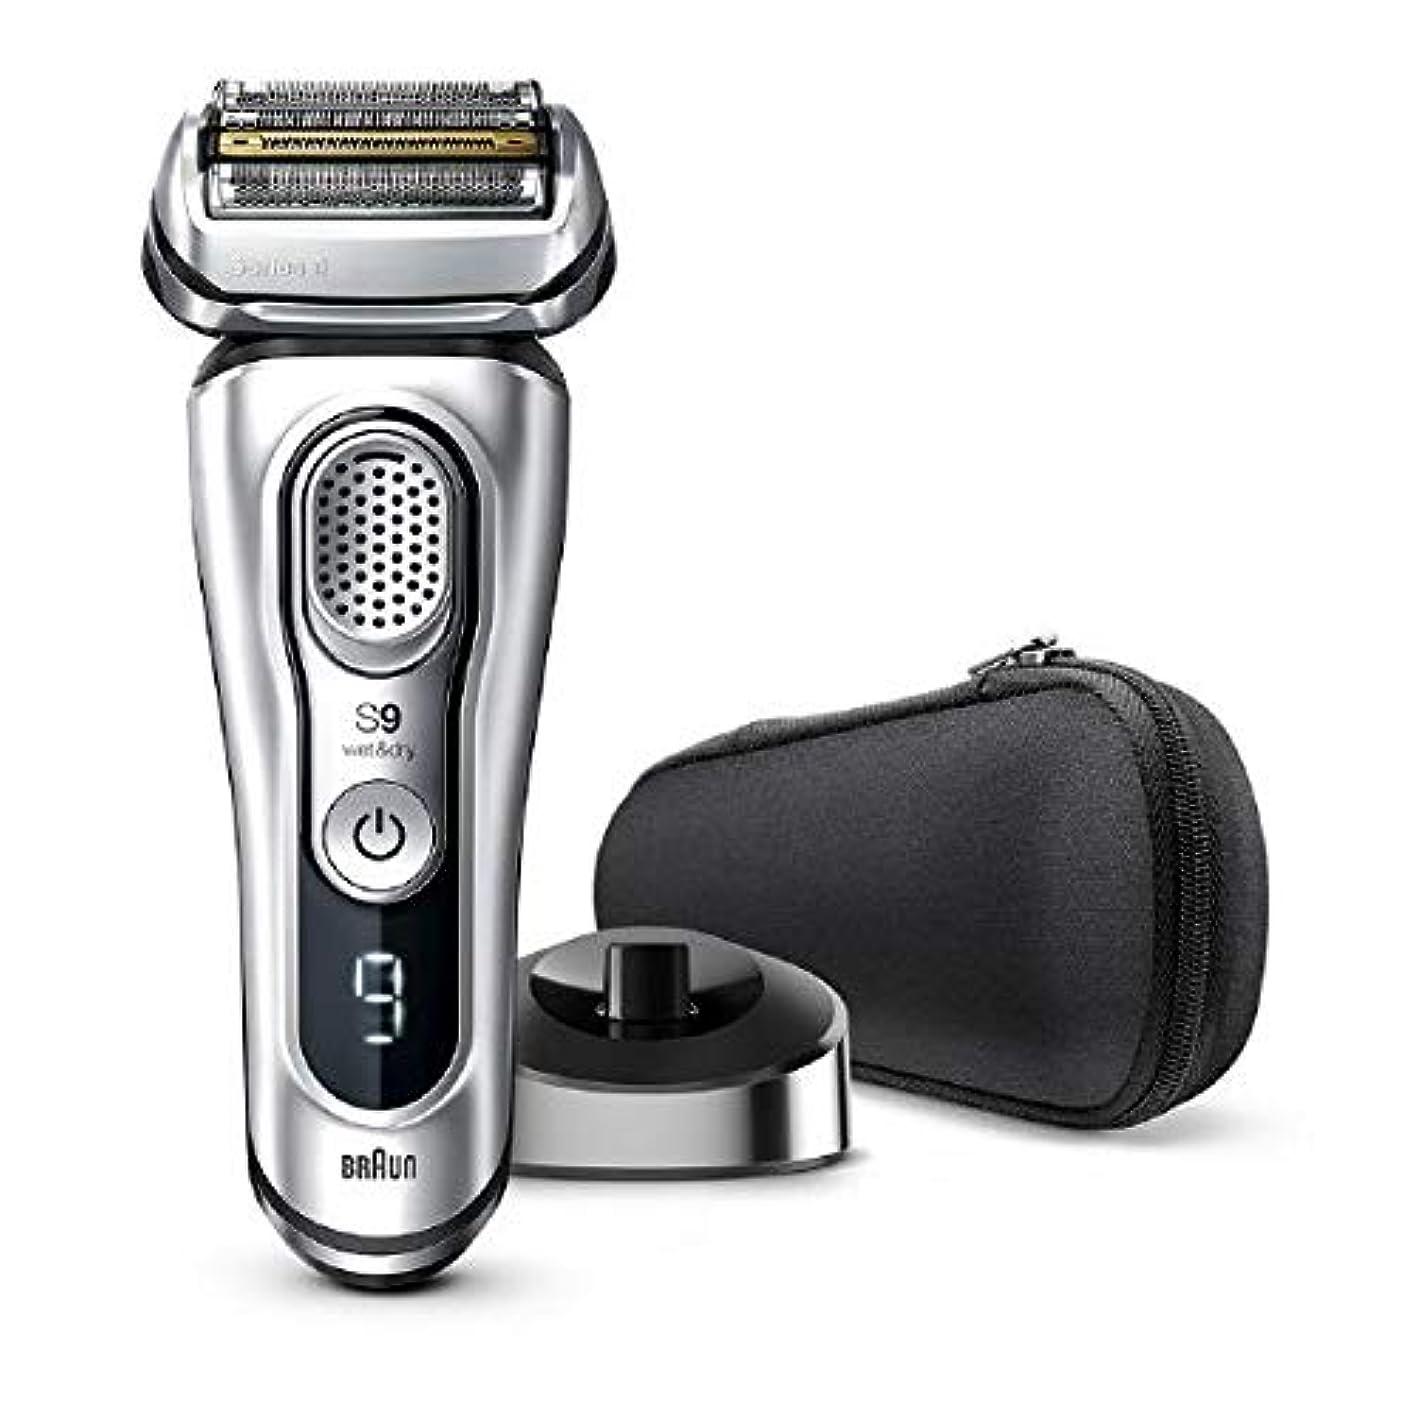 メトリック前にペルメルブラウン メンズ電気シェーバー シリーズ9 5カットシステム 水洗い/お風呂剃り可 9345s